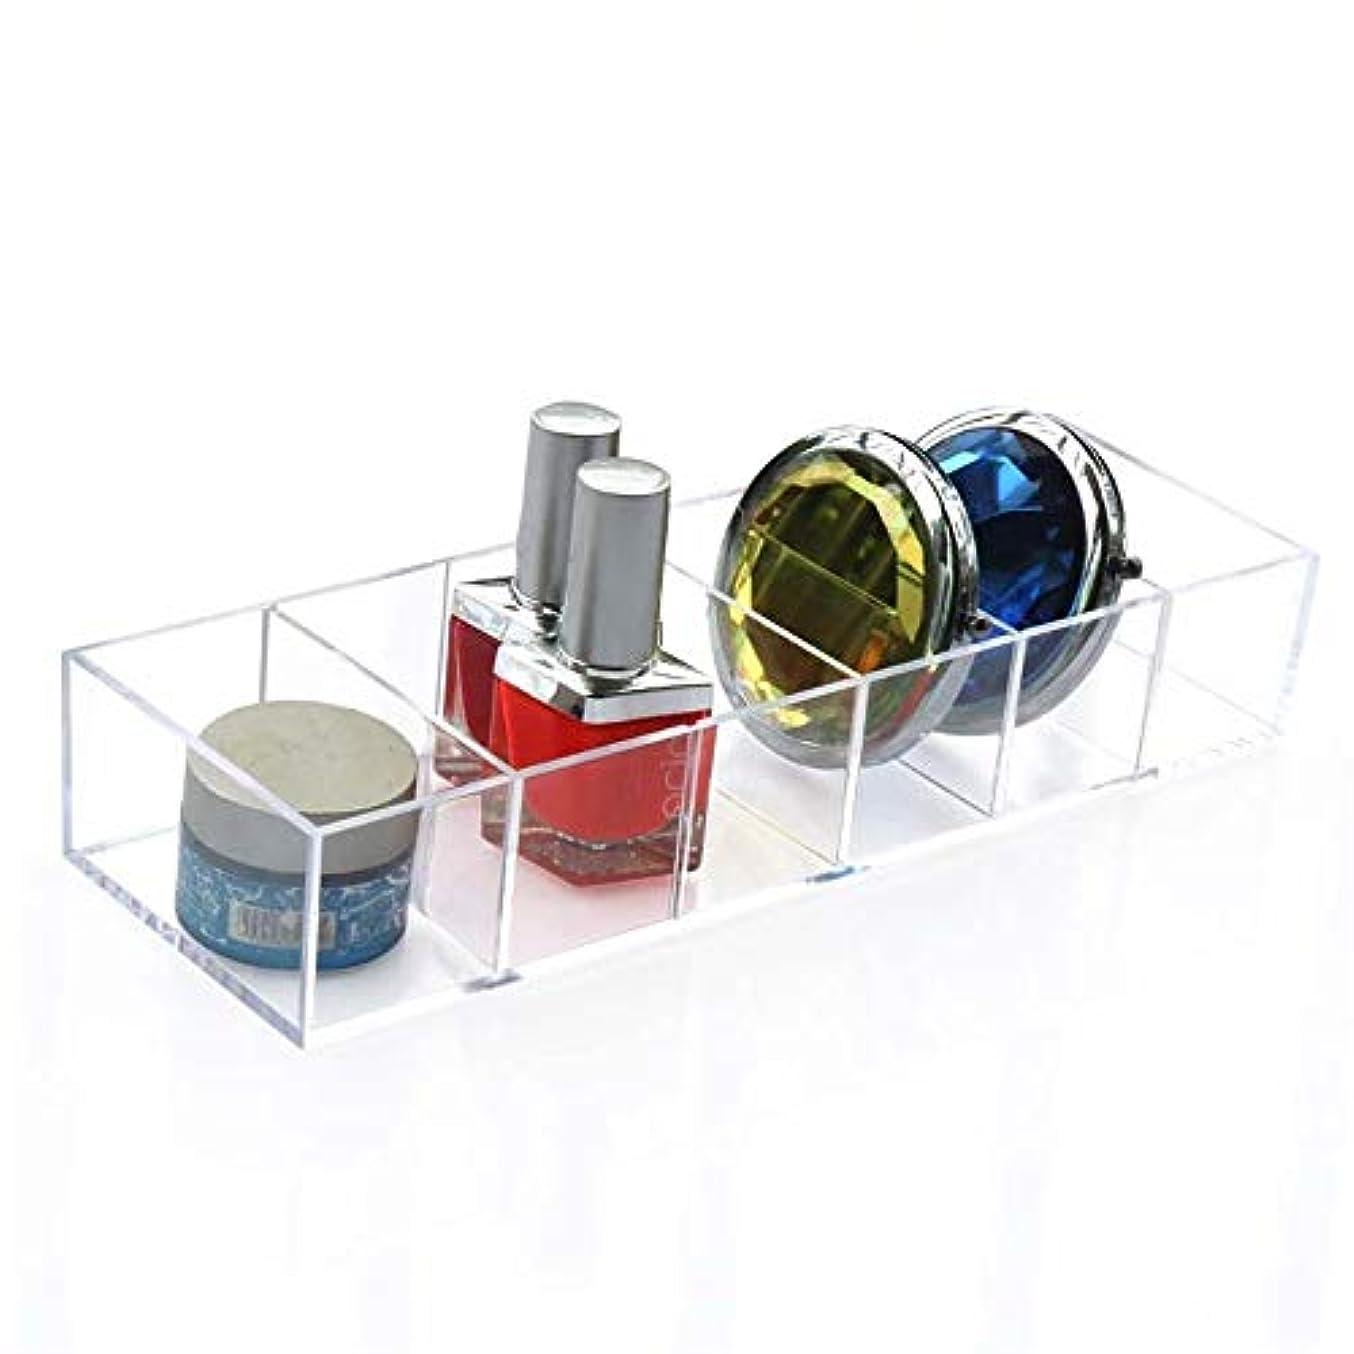 摂氏制裁同盟整理簡単 シンプル6スロットアクリルフェイスパウダー口紅ホルダー化粧ケース収納オーガナイザーボックス (Color : Clear, Size : 25.5*8.6*4.4CM)